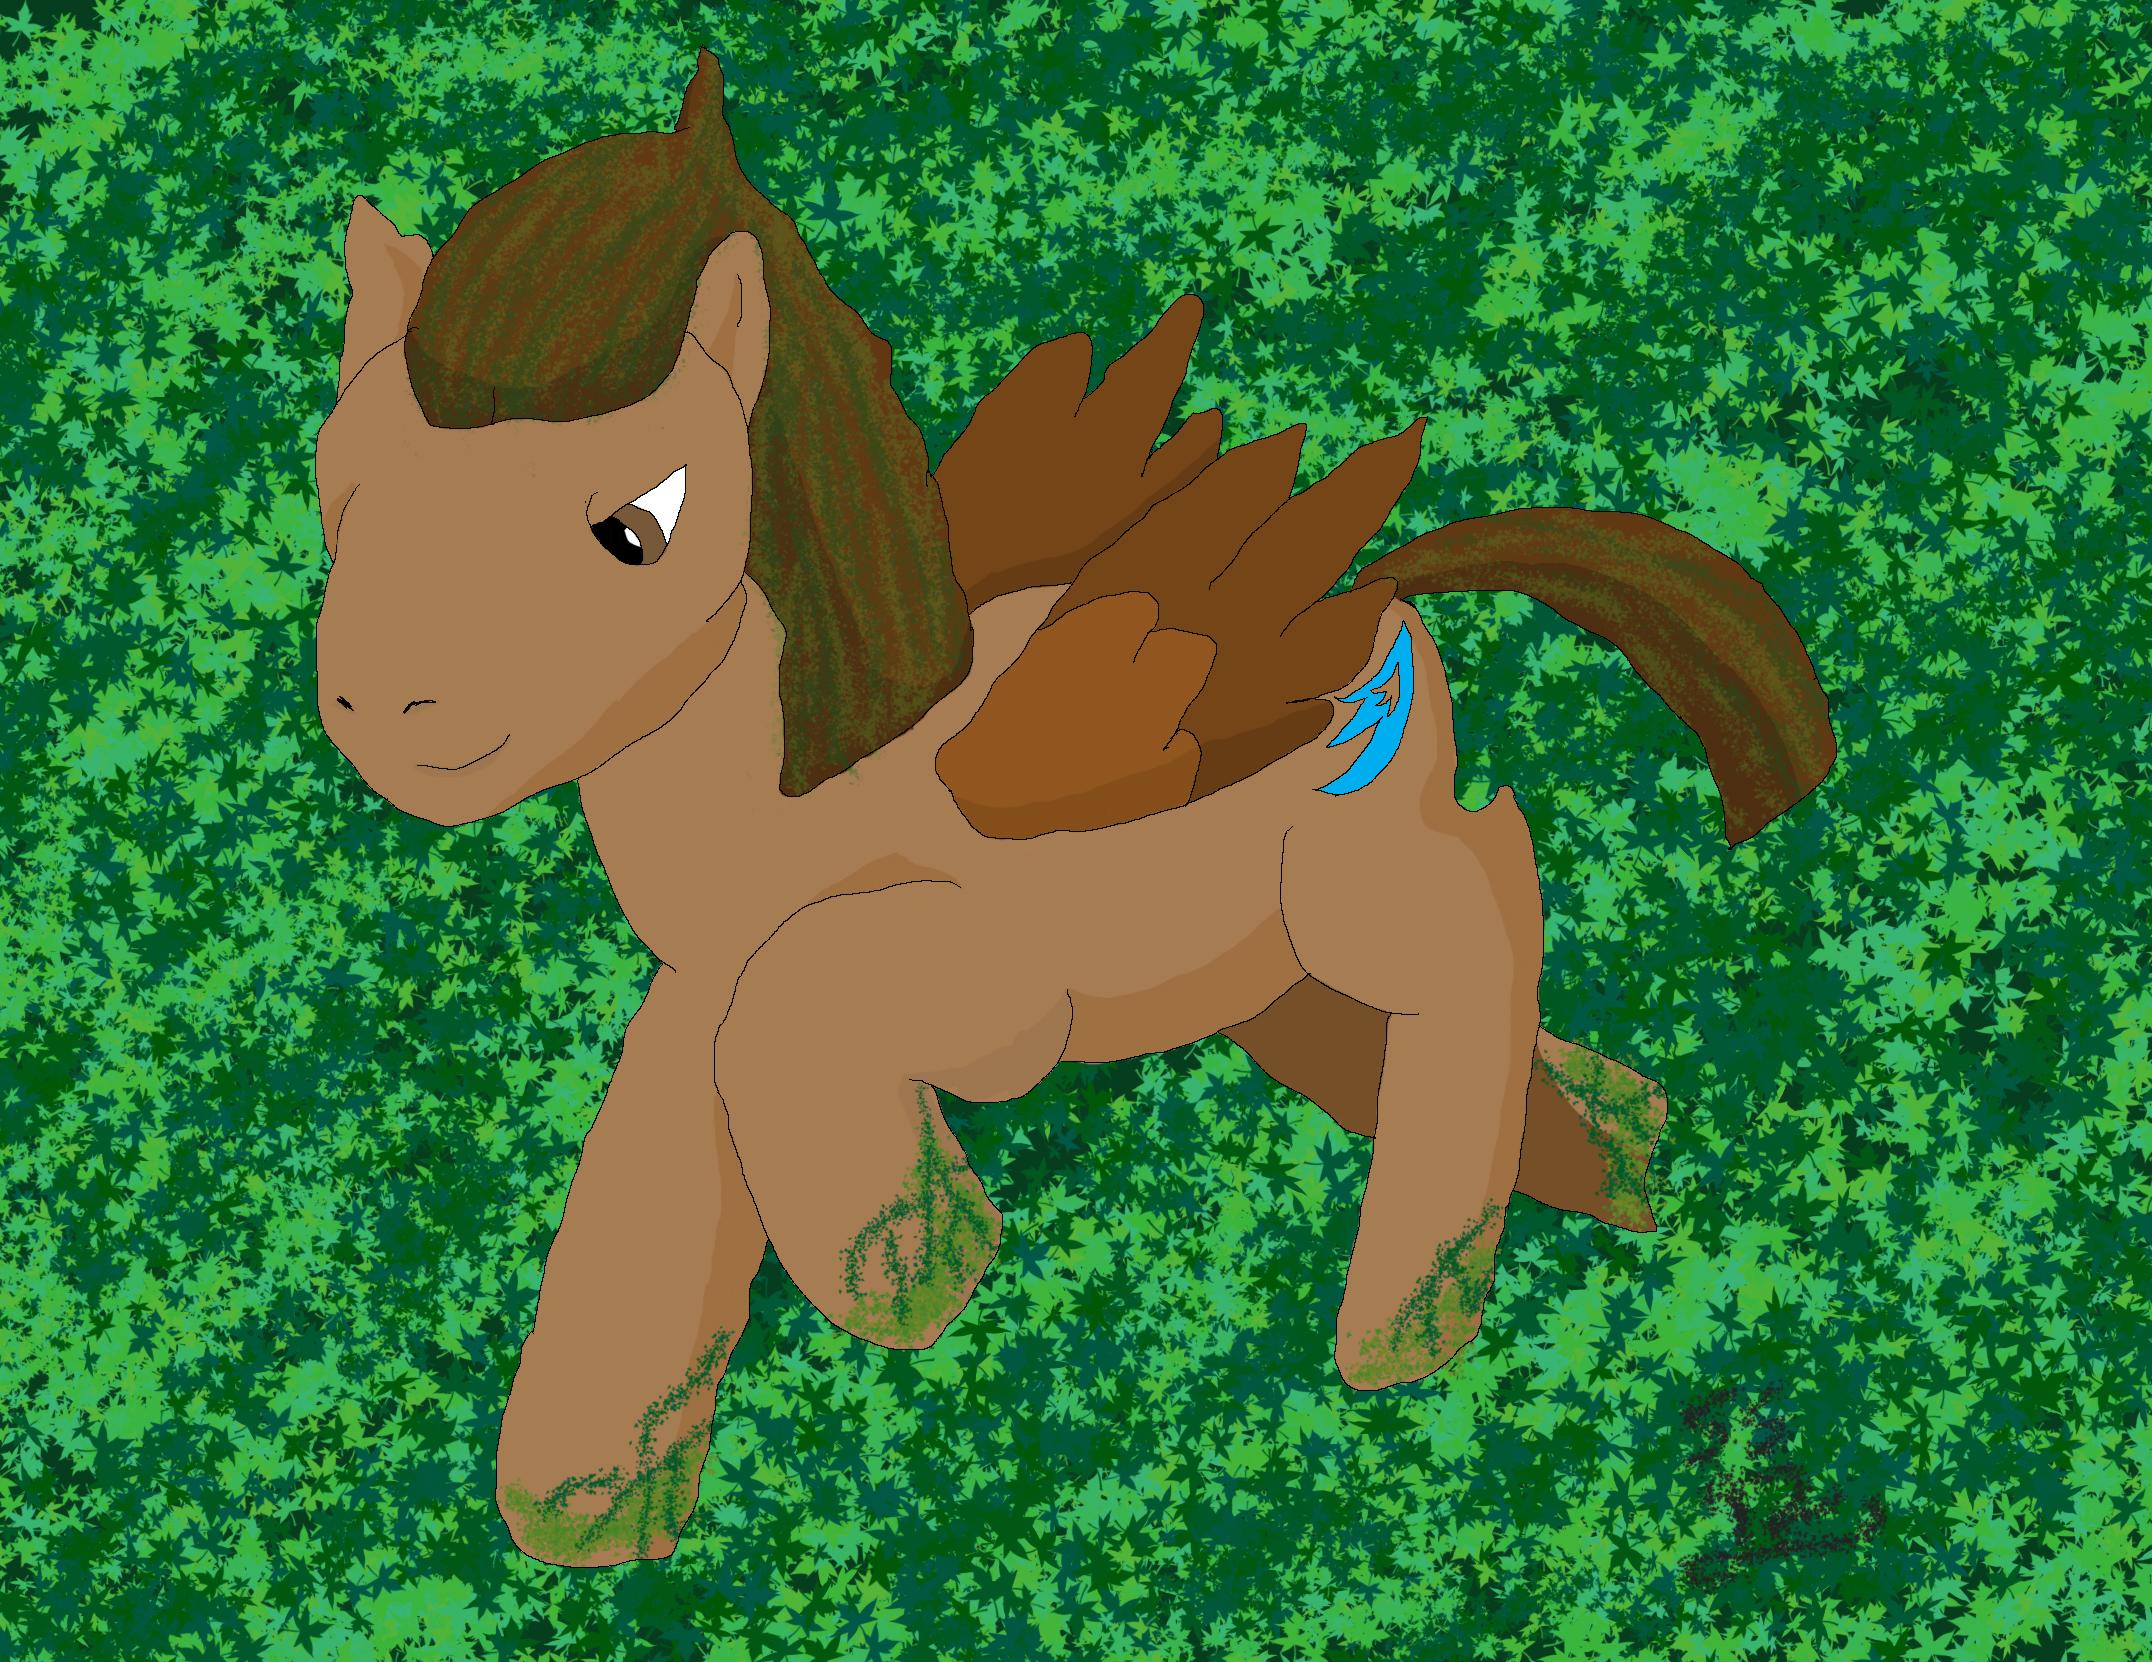 faeren_pony_by_caldwin-d4rj13h.jpg